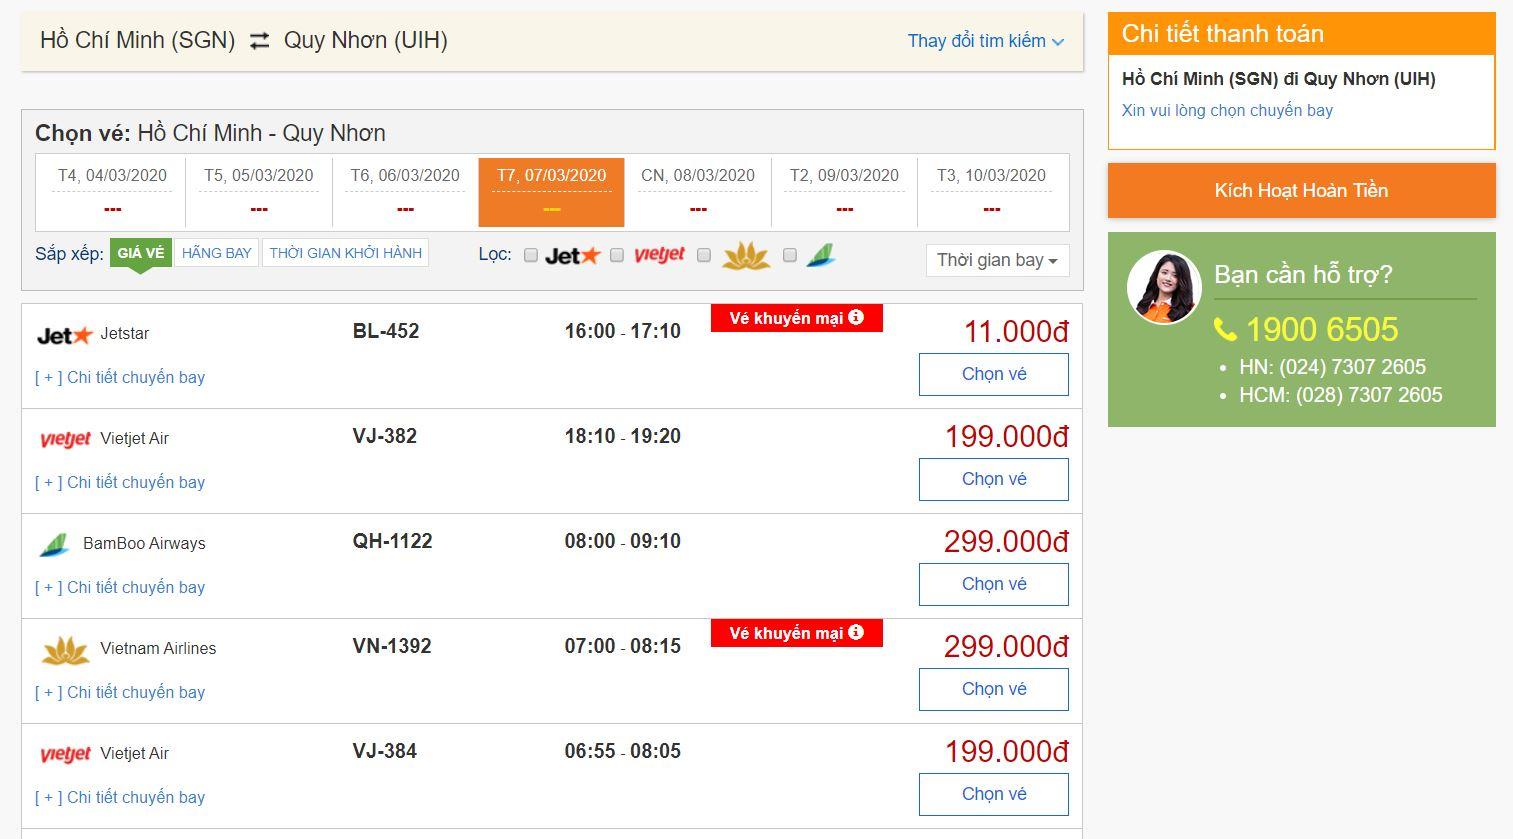 Dễ dàng đặt vé máy bay giá rẻ chỉ từ 11.000đ